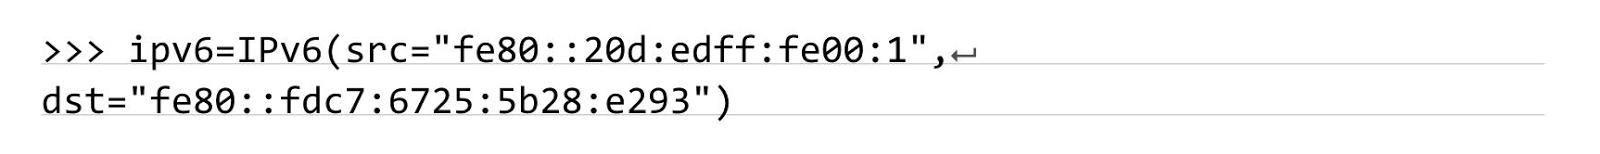 задаются адреса сетевого уровня, где адрес отправителя подменяется